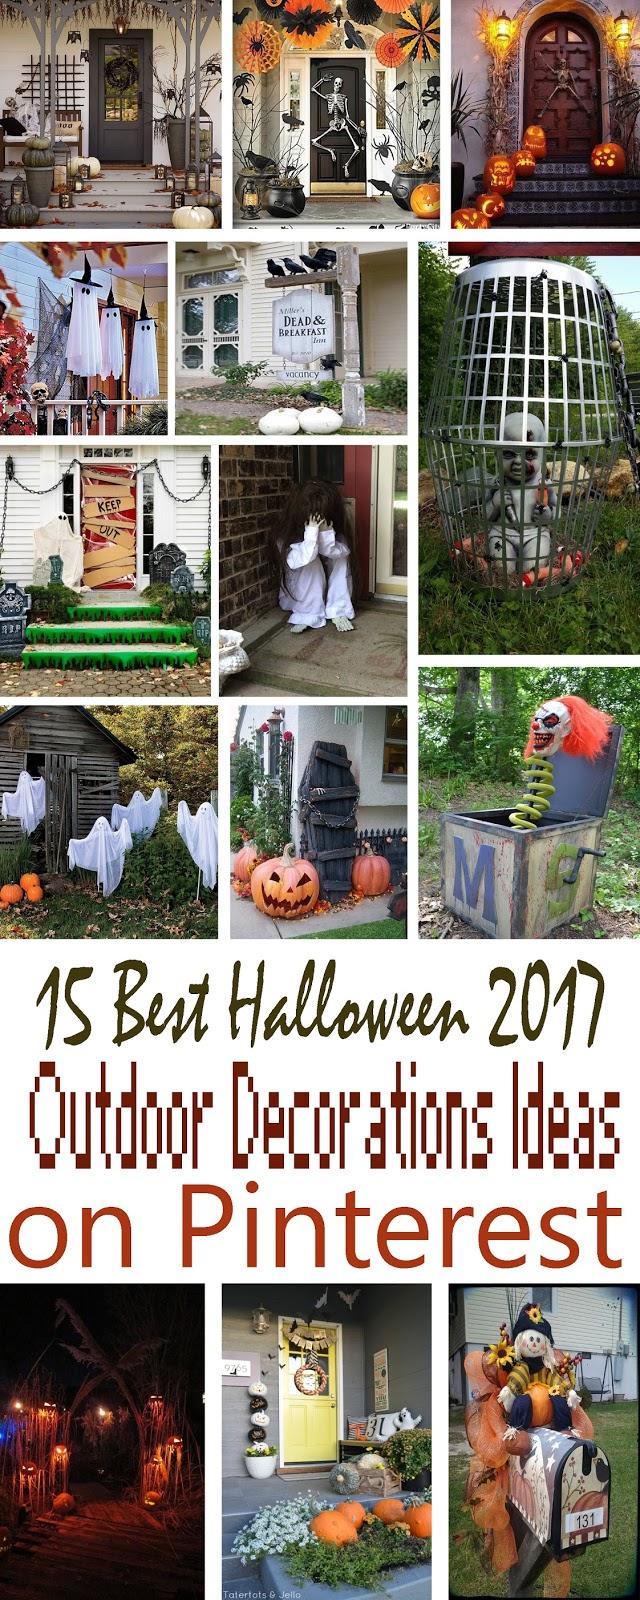 Best Best Outdoor Decor Ideas Pinterest Secret @house2homegoods.net